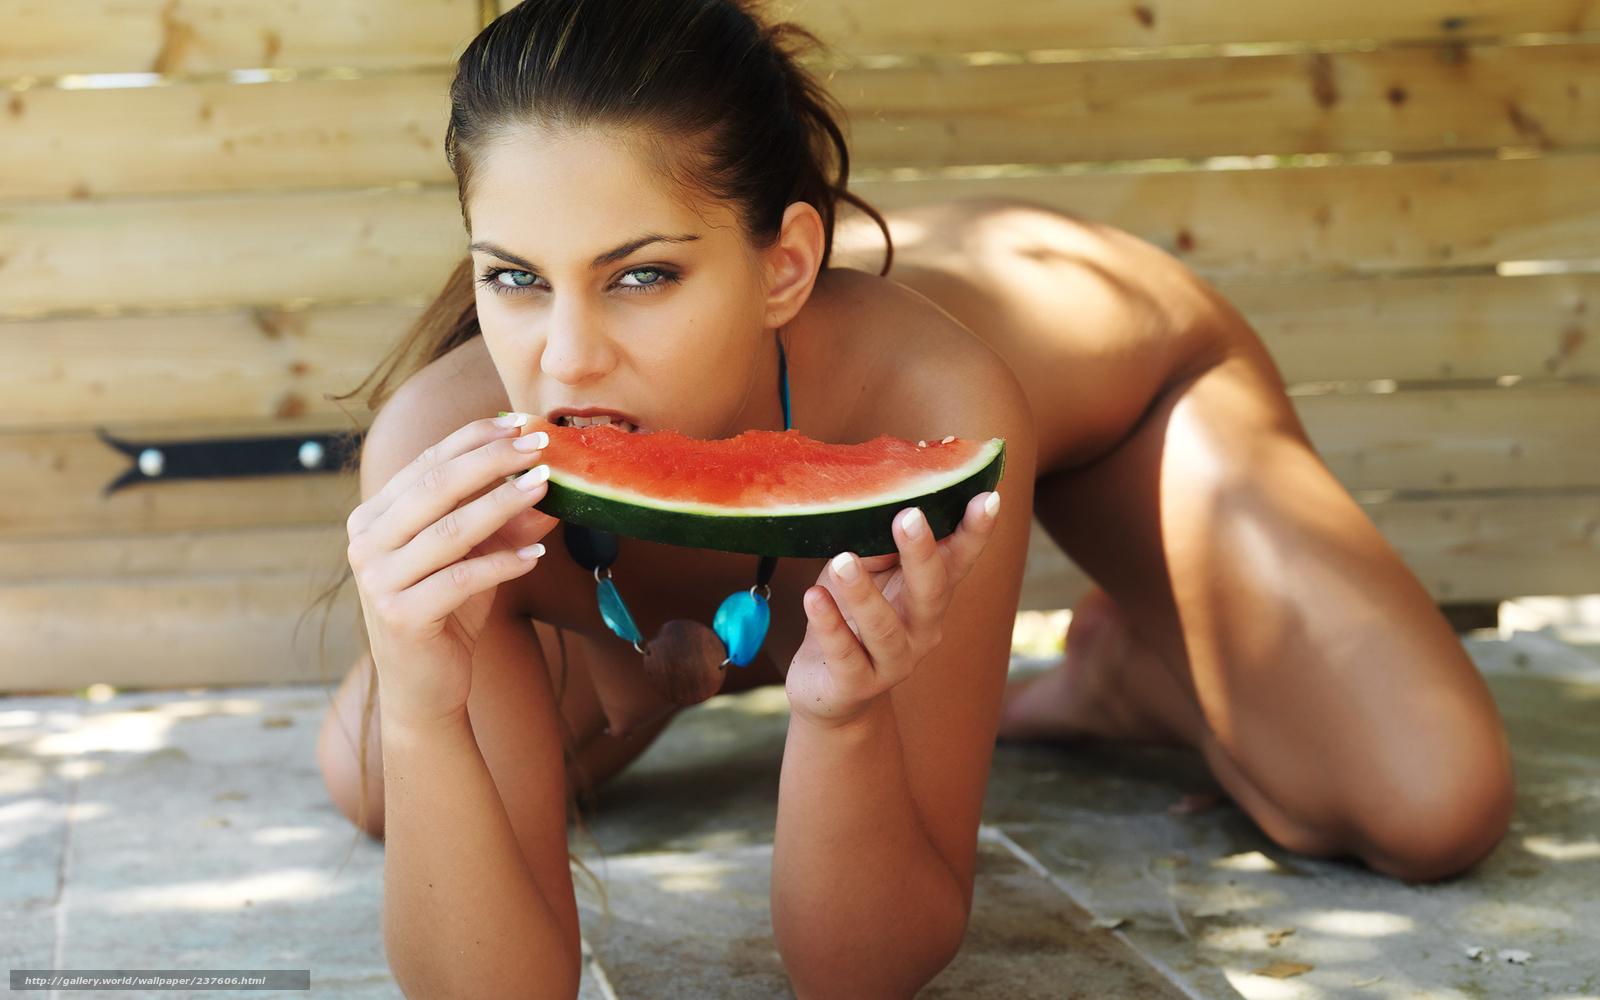 Сайти з еротикою 2 фотография